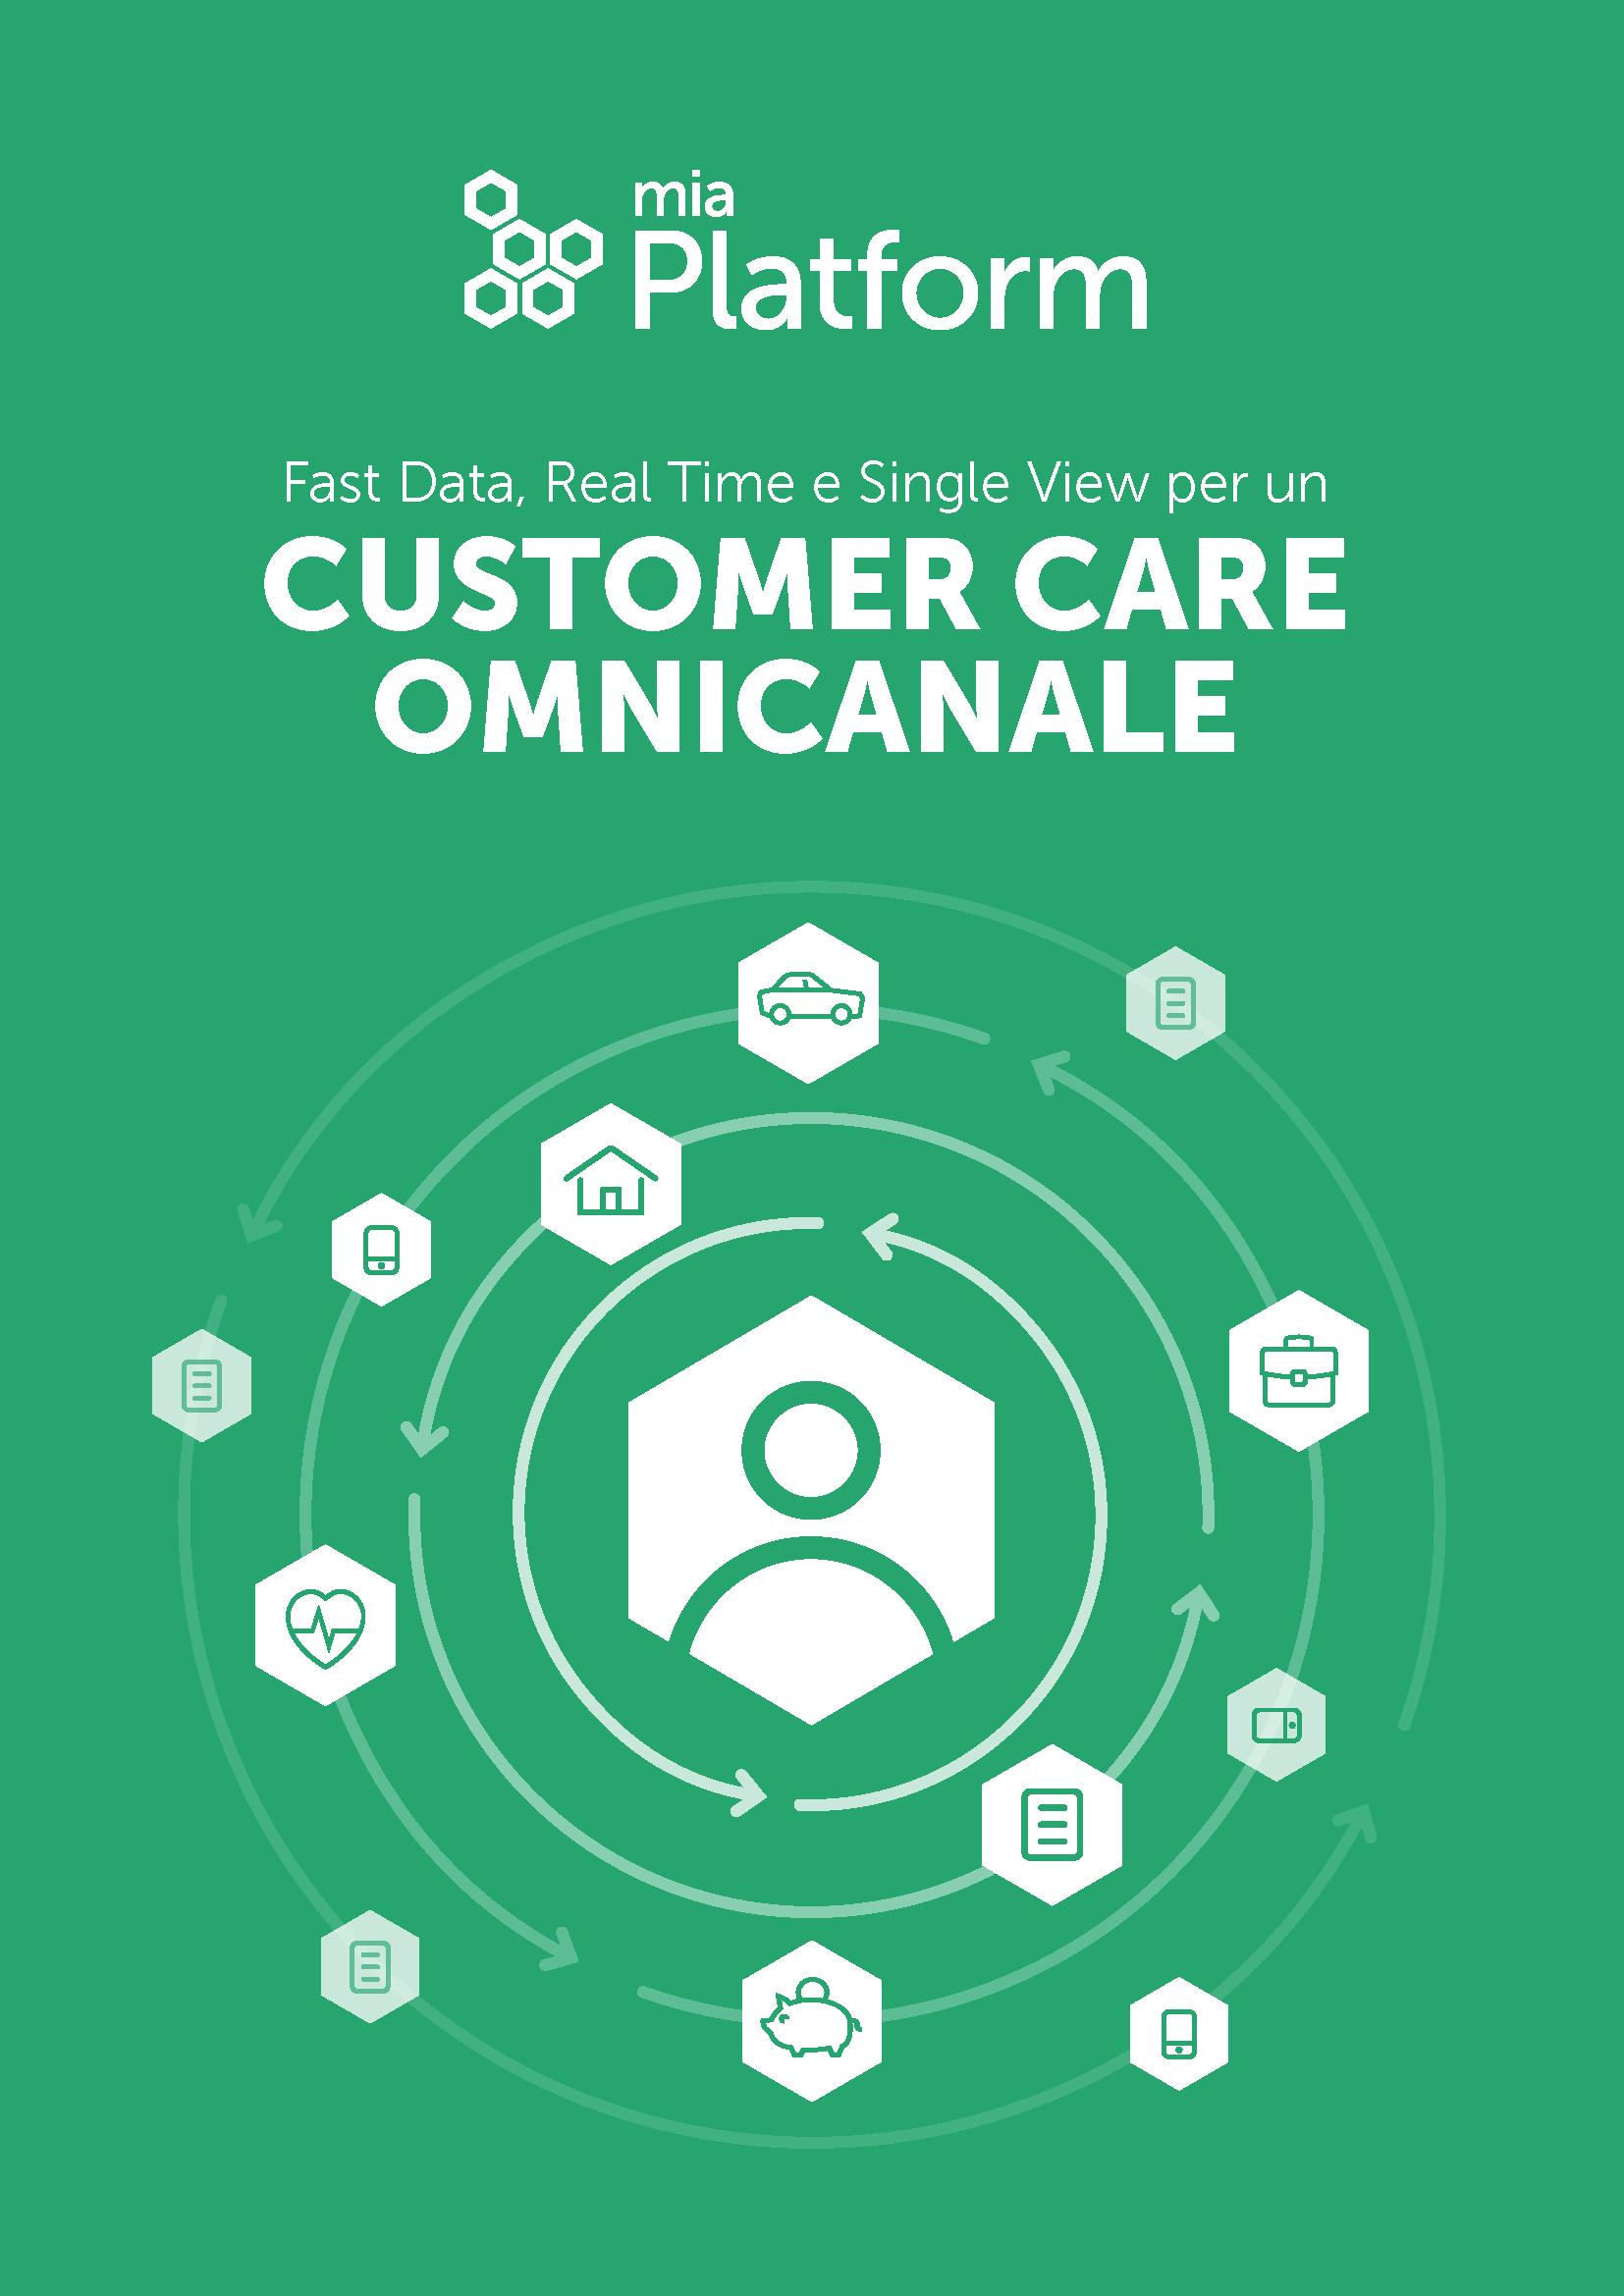 Fast Data, Real Time e Single View per un Customer Care Omnicanale